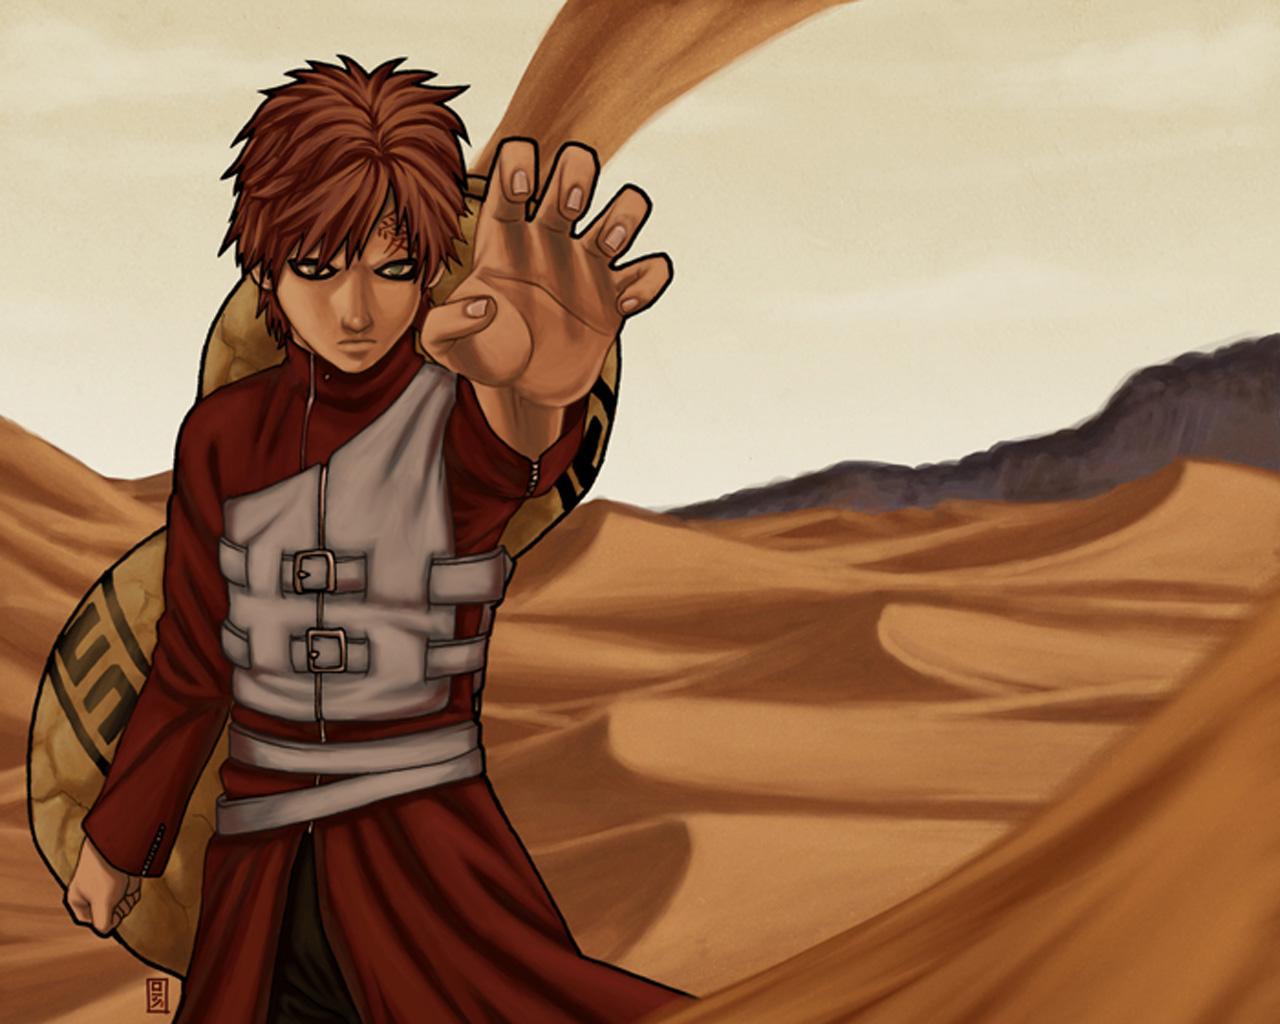 Naruto Wallpapers: Gara: Naruto Shippuden